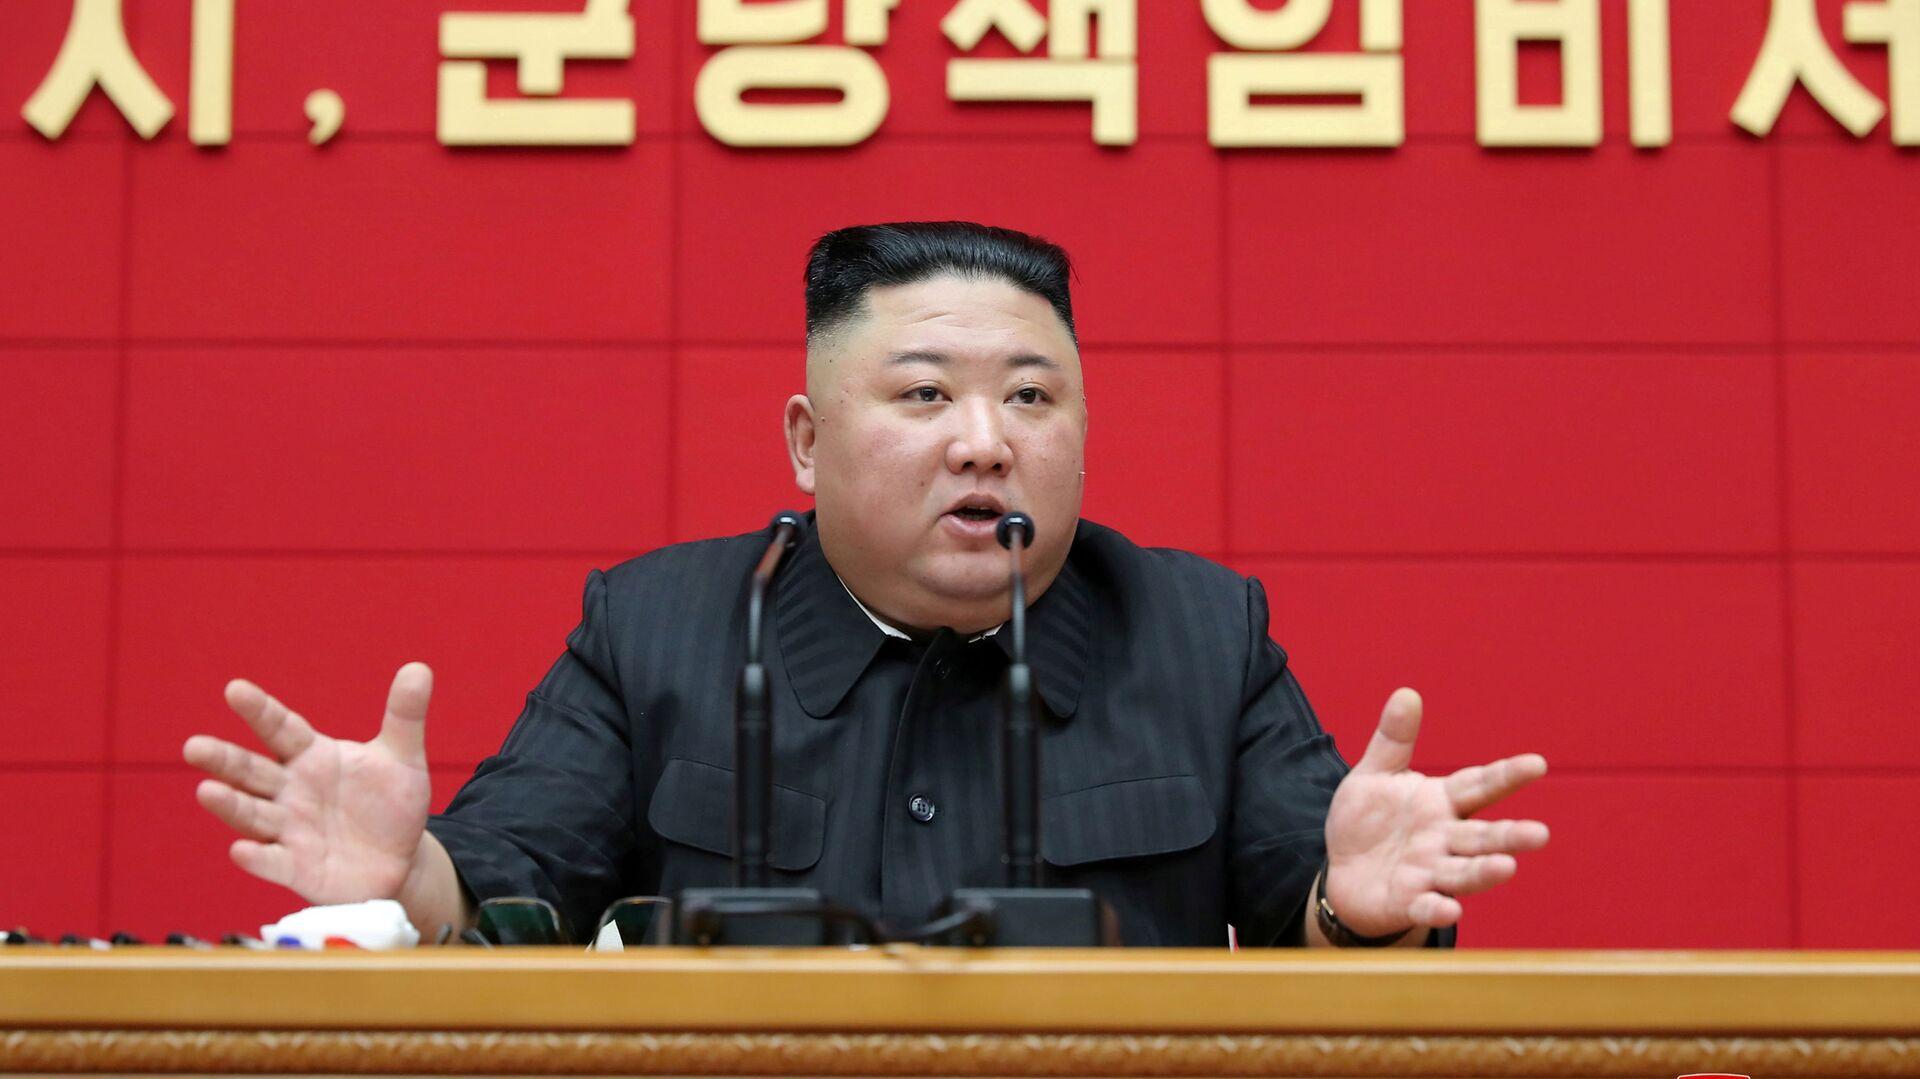 Il leader nordcorenano Kim Jong Un  - Sputnik Italia, 1920, 22.05.2021